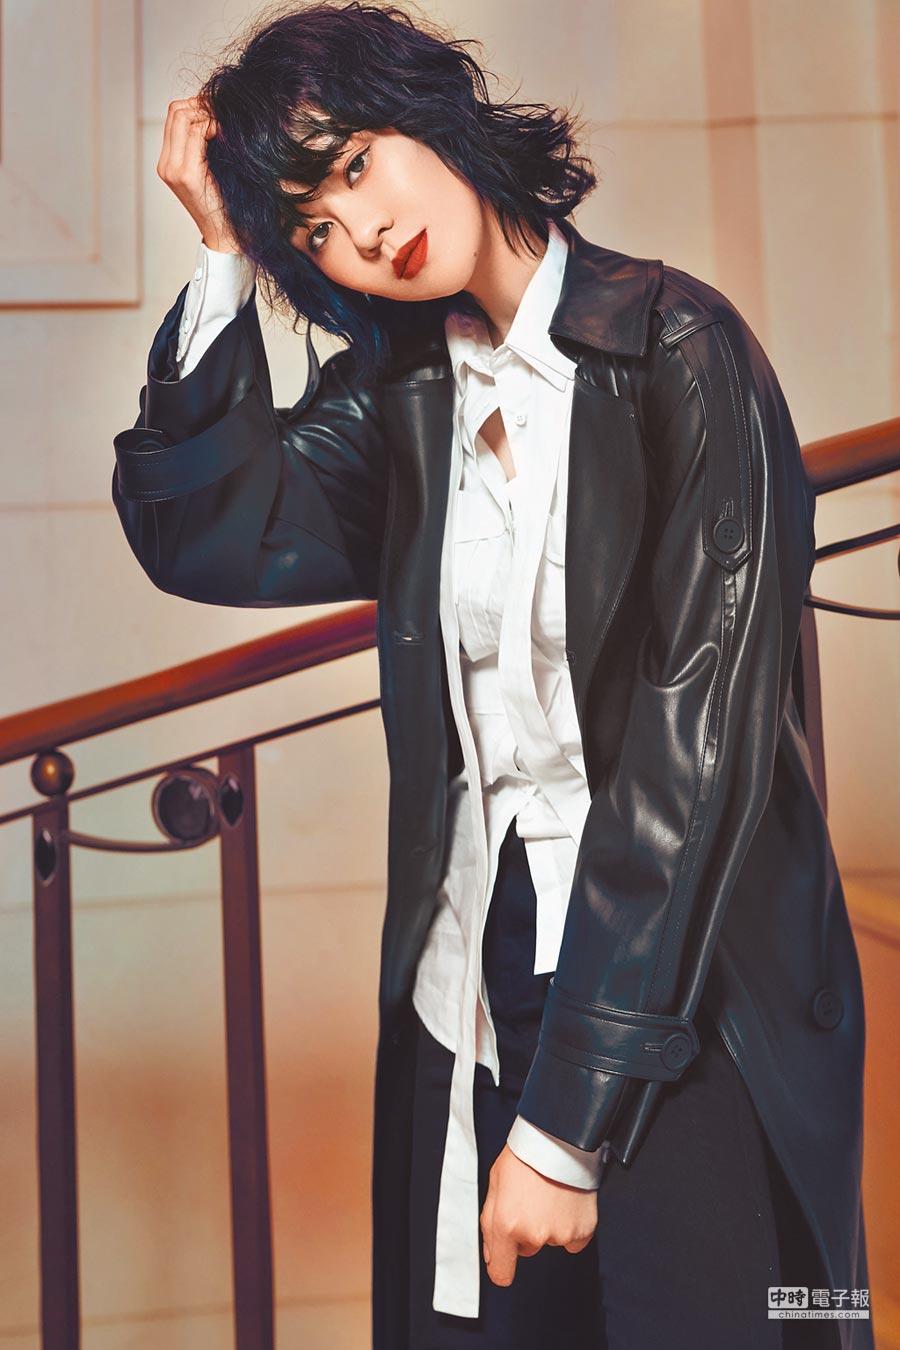 郁可唯在新歌MV中飾演冷酷殺手。